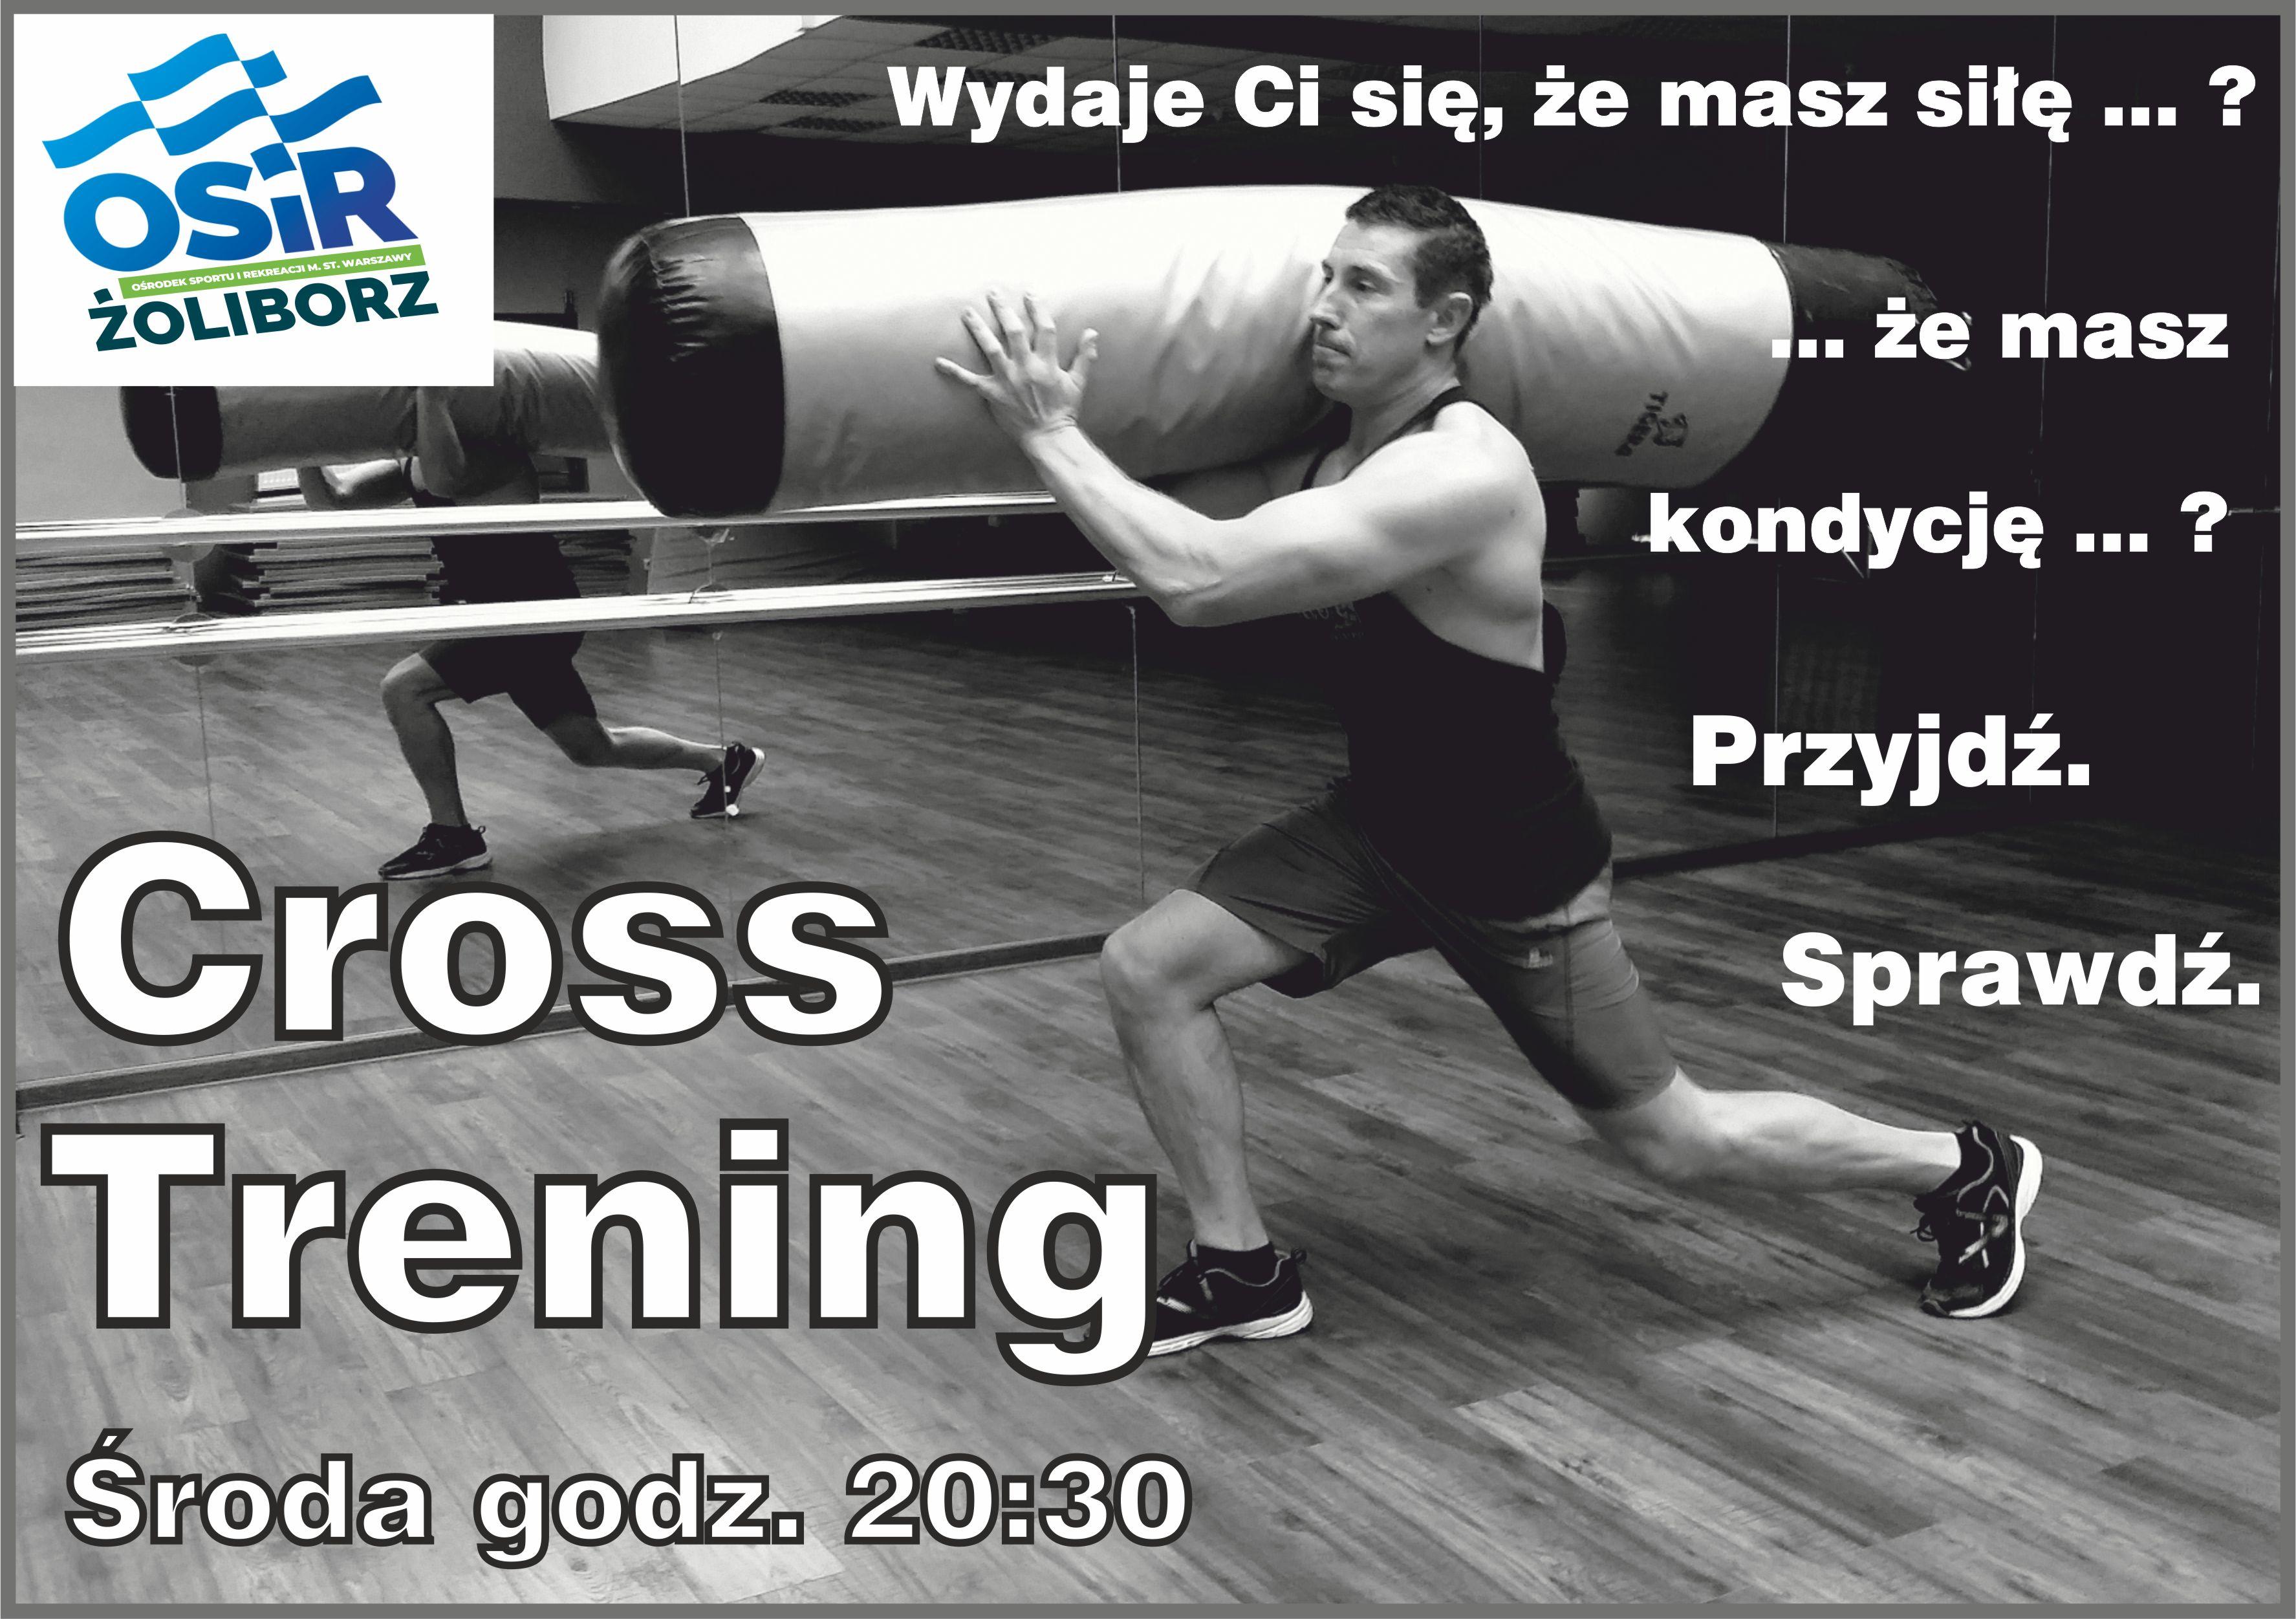 Cross Trening - środa. godz.20:30